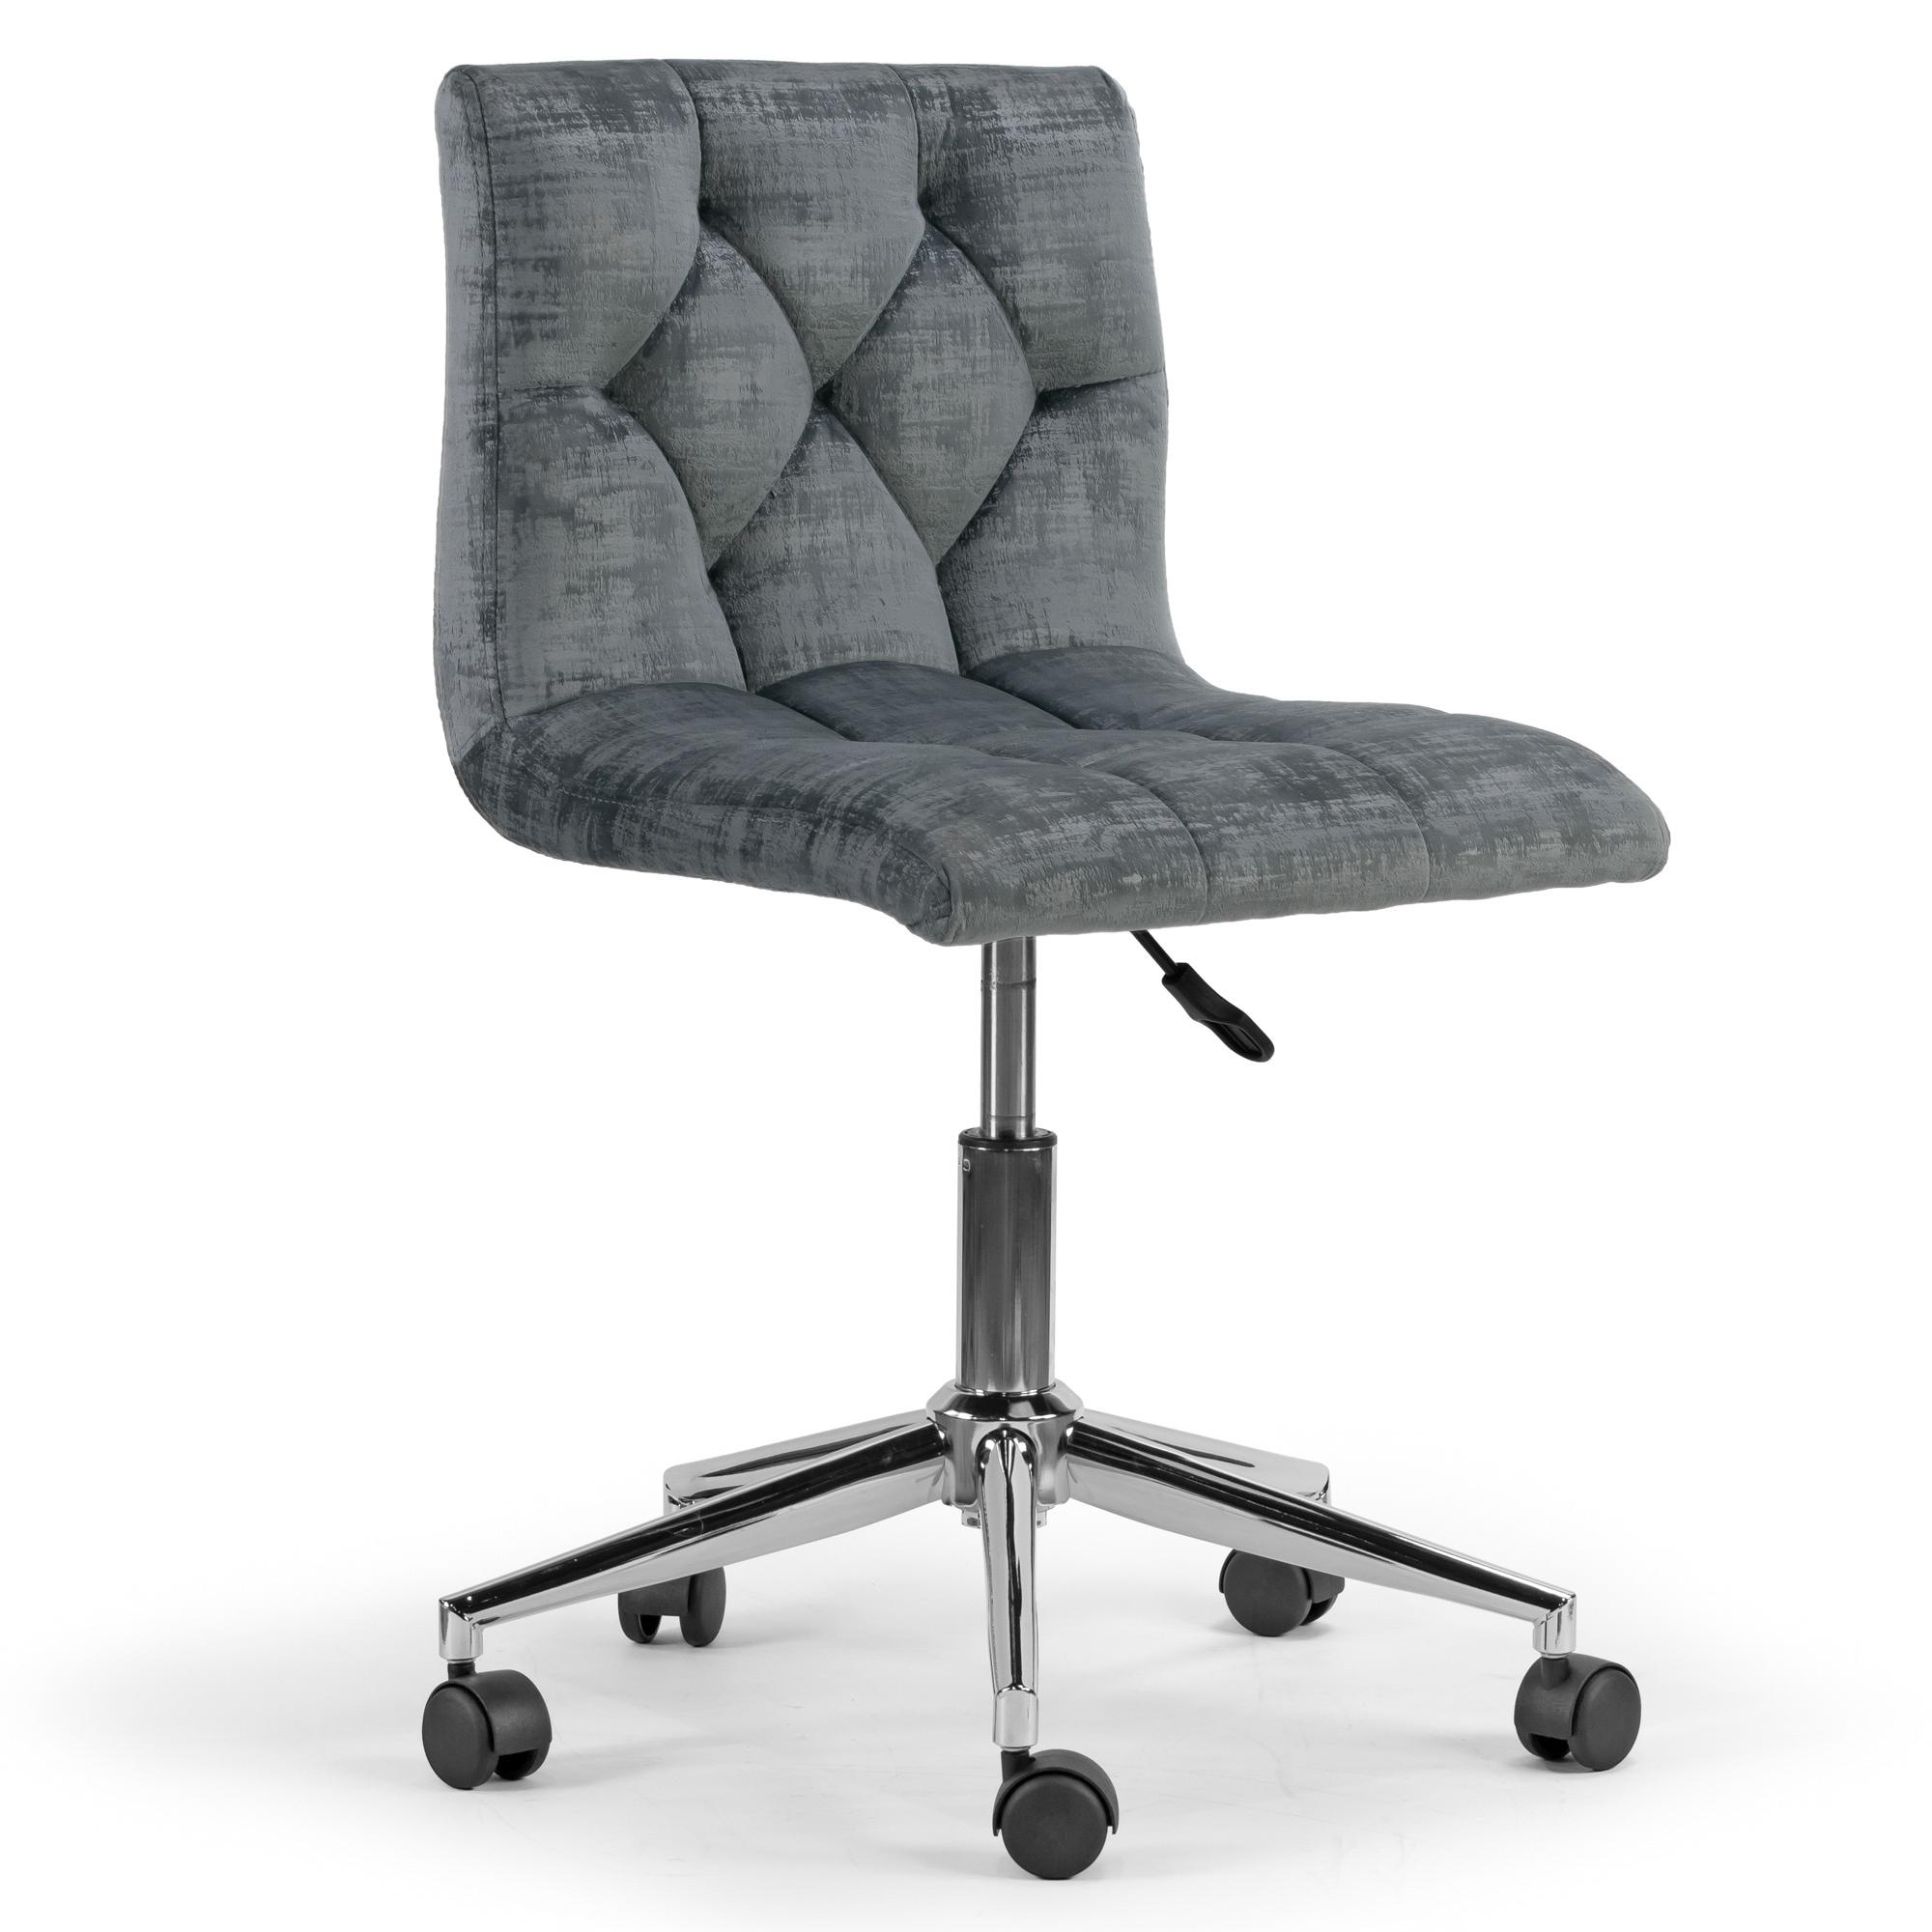 Awe Inspiring Amali Grey Velvet Adjustable Height Swivel Office Chair W Wheel Base Forskolin Free Trial Chair Design Images Forskolin Free Trialorg